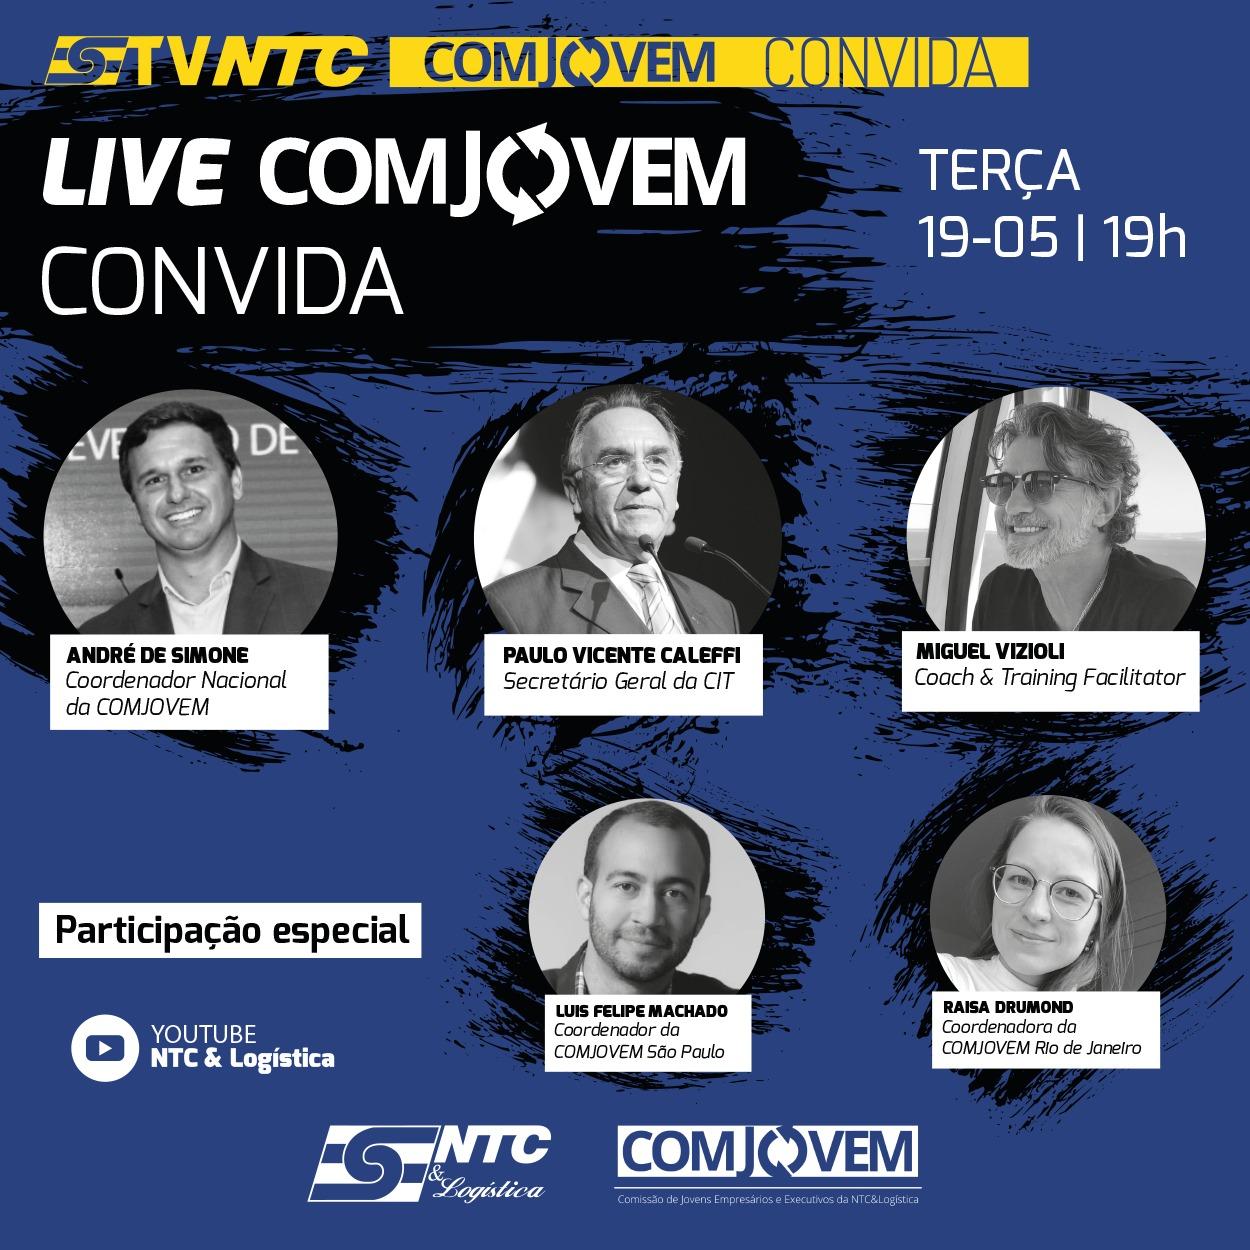 TV NTC apresenta hoje mais uma edição da Pesquisa de Impacto no TRC e COMJOVEM Convida